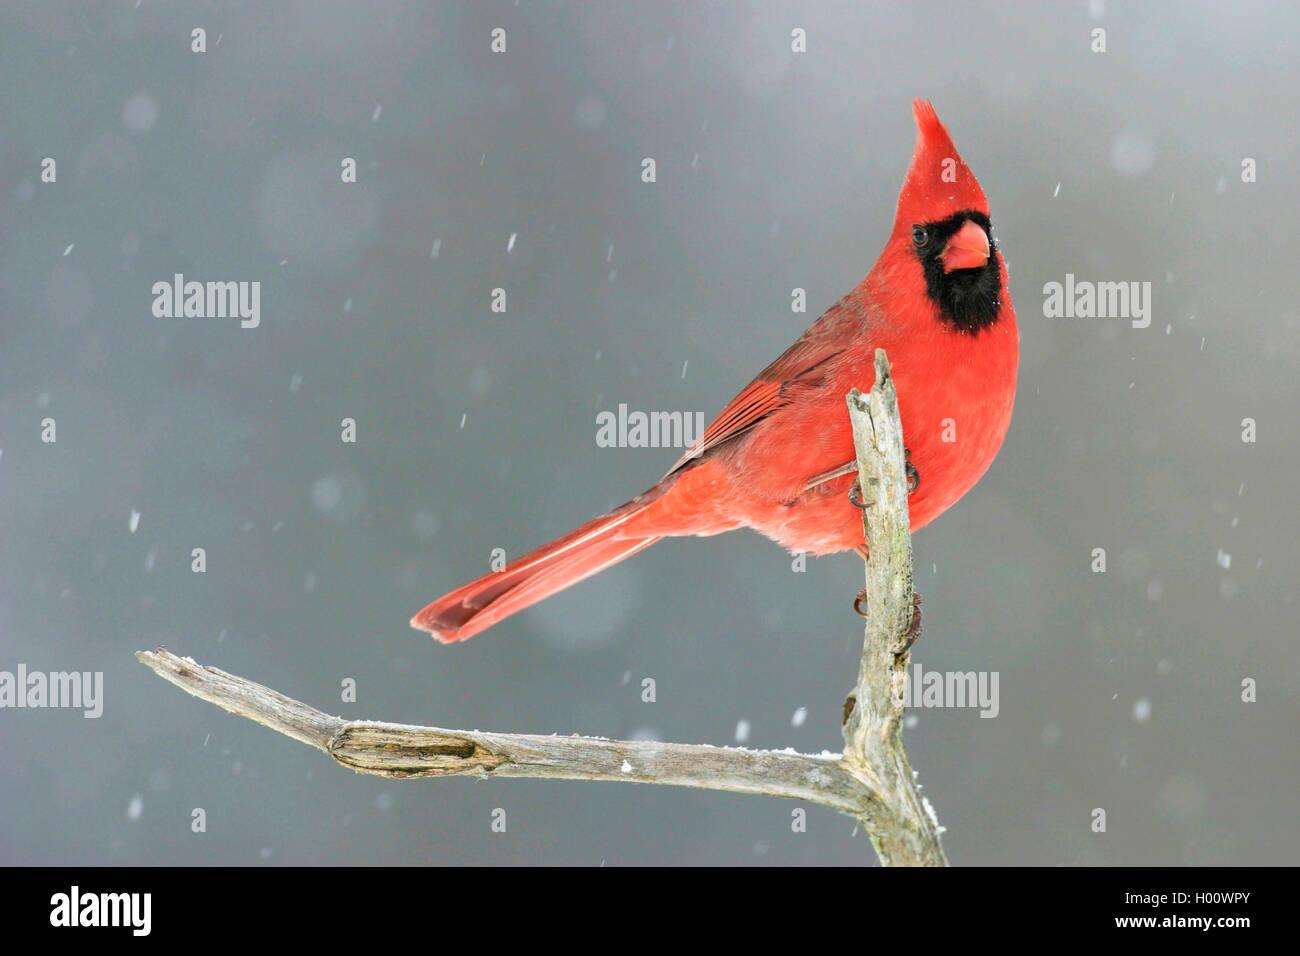 Rotkardinal, Rot-Kardinal, Roter Kardinal (Cardinalis cardinalis), sitzt bei Schneefall auf einem Ast, USA, Michigan - Stock Image